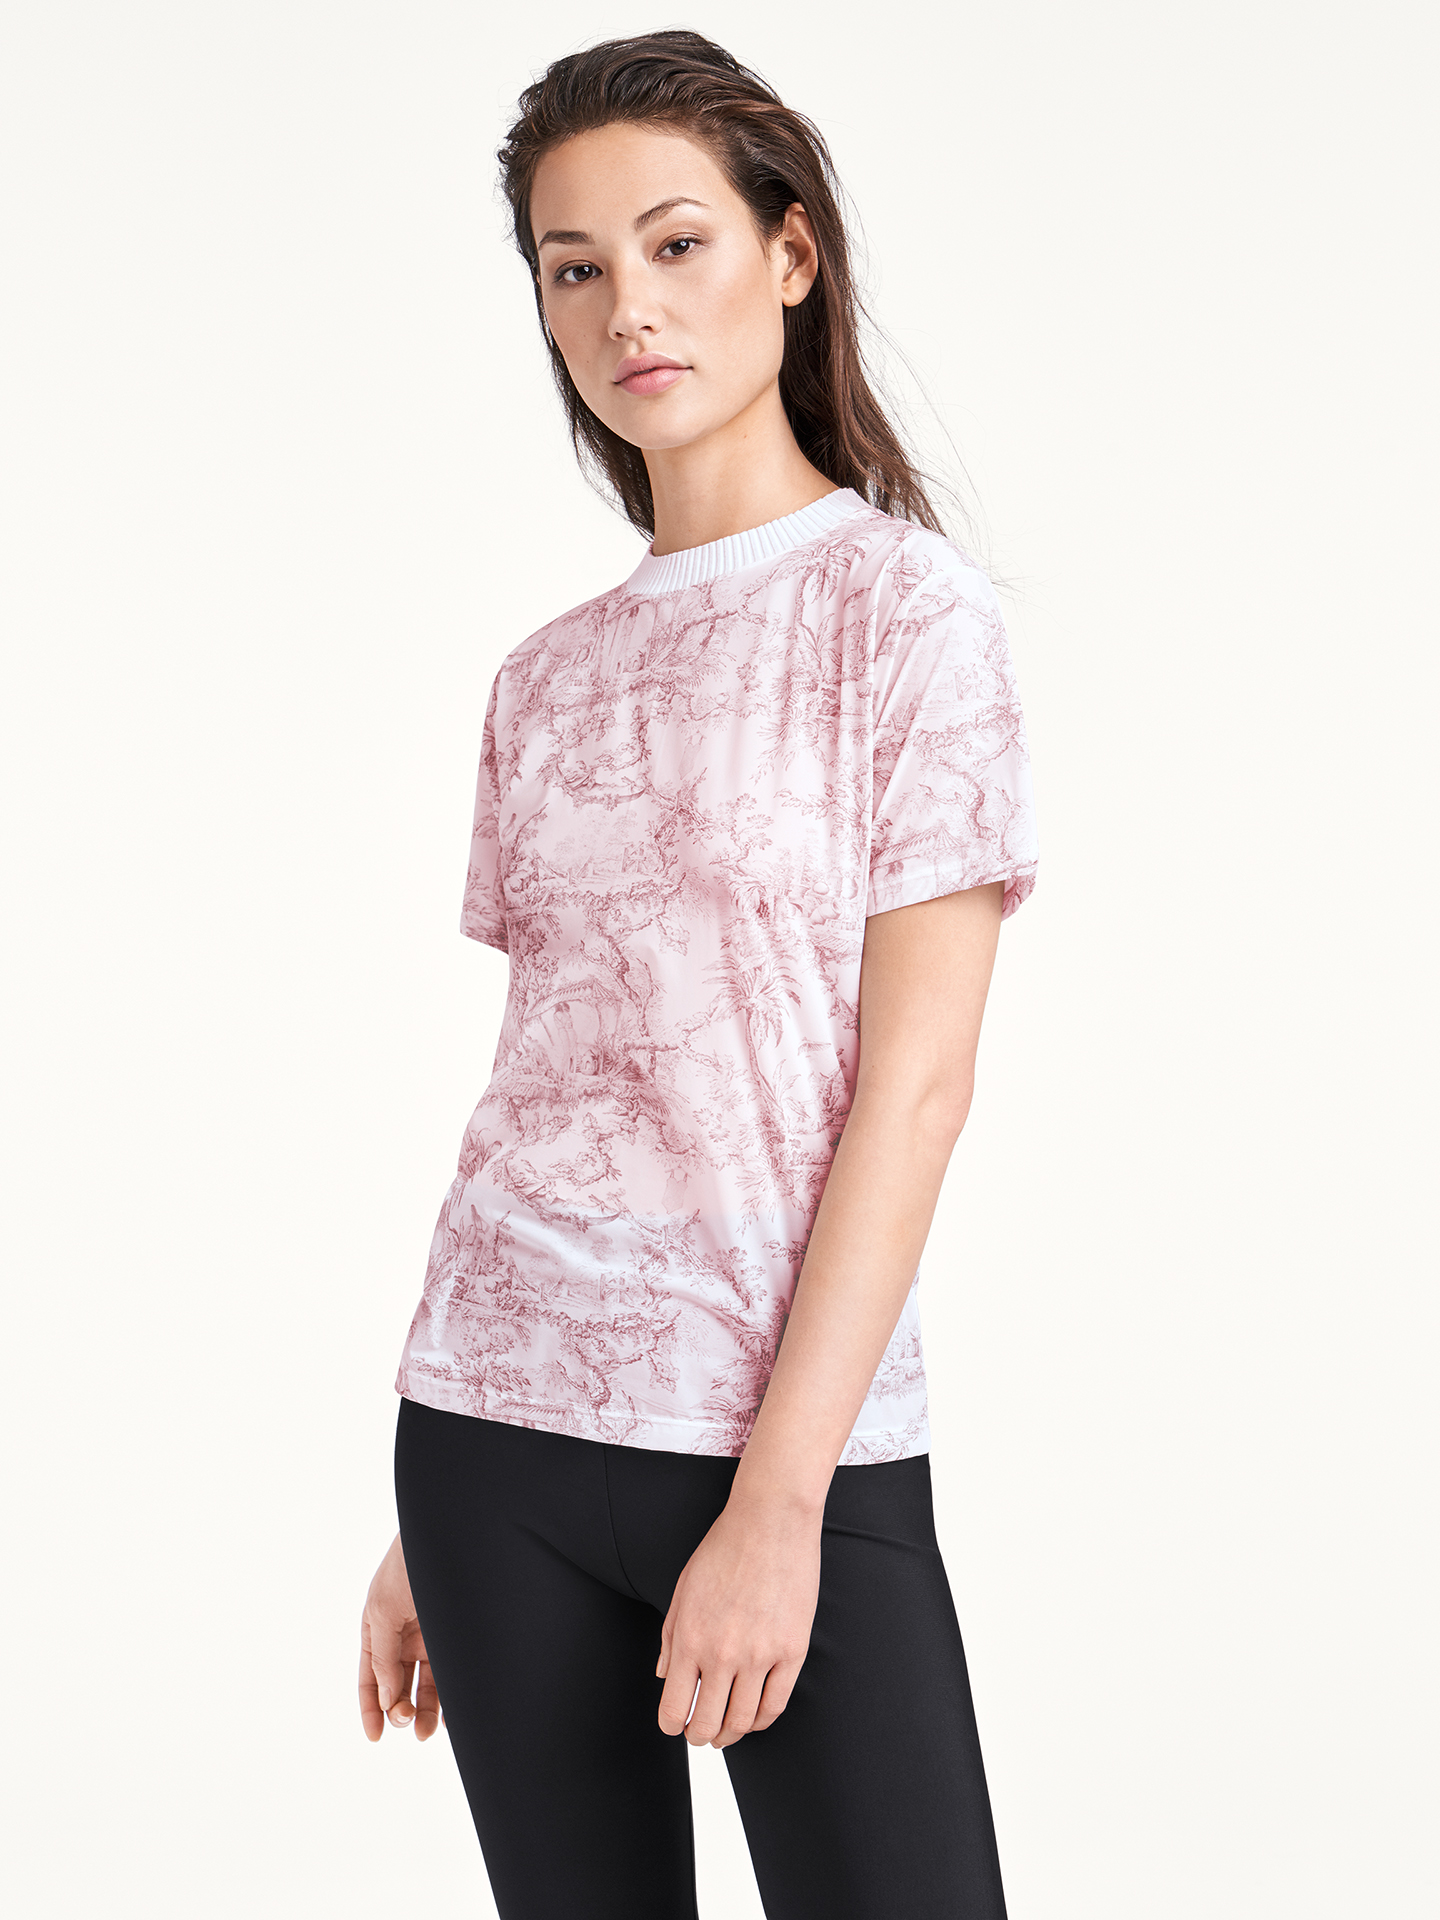 Artikel klicken und genauer betrachten! - Antoinette Shirt   im Online Shop kaufen